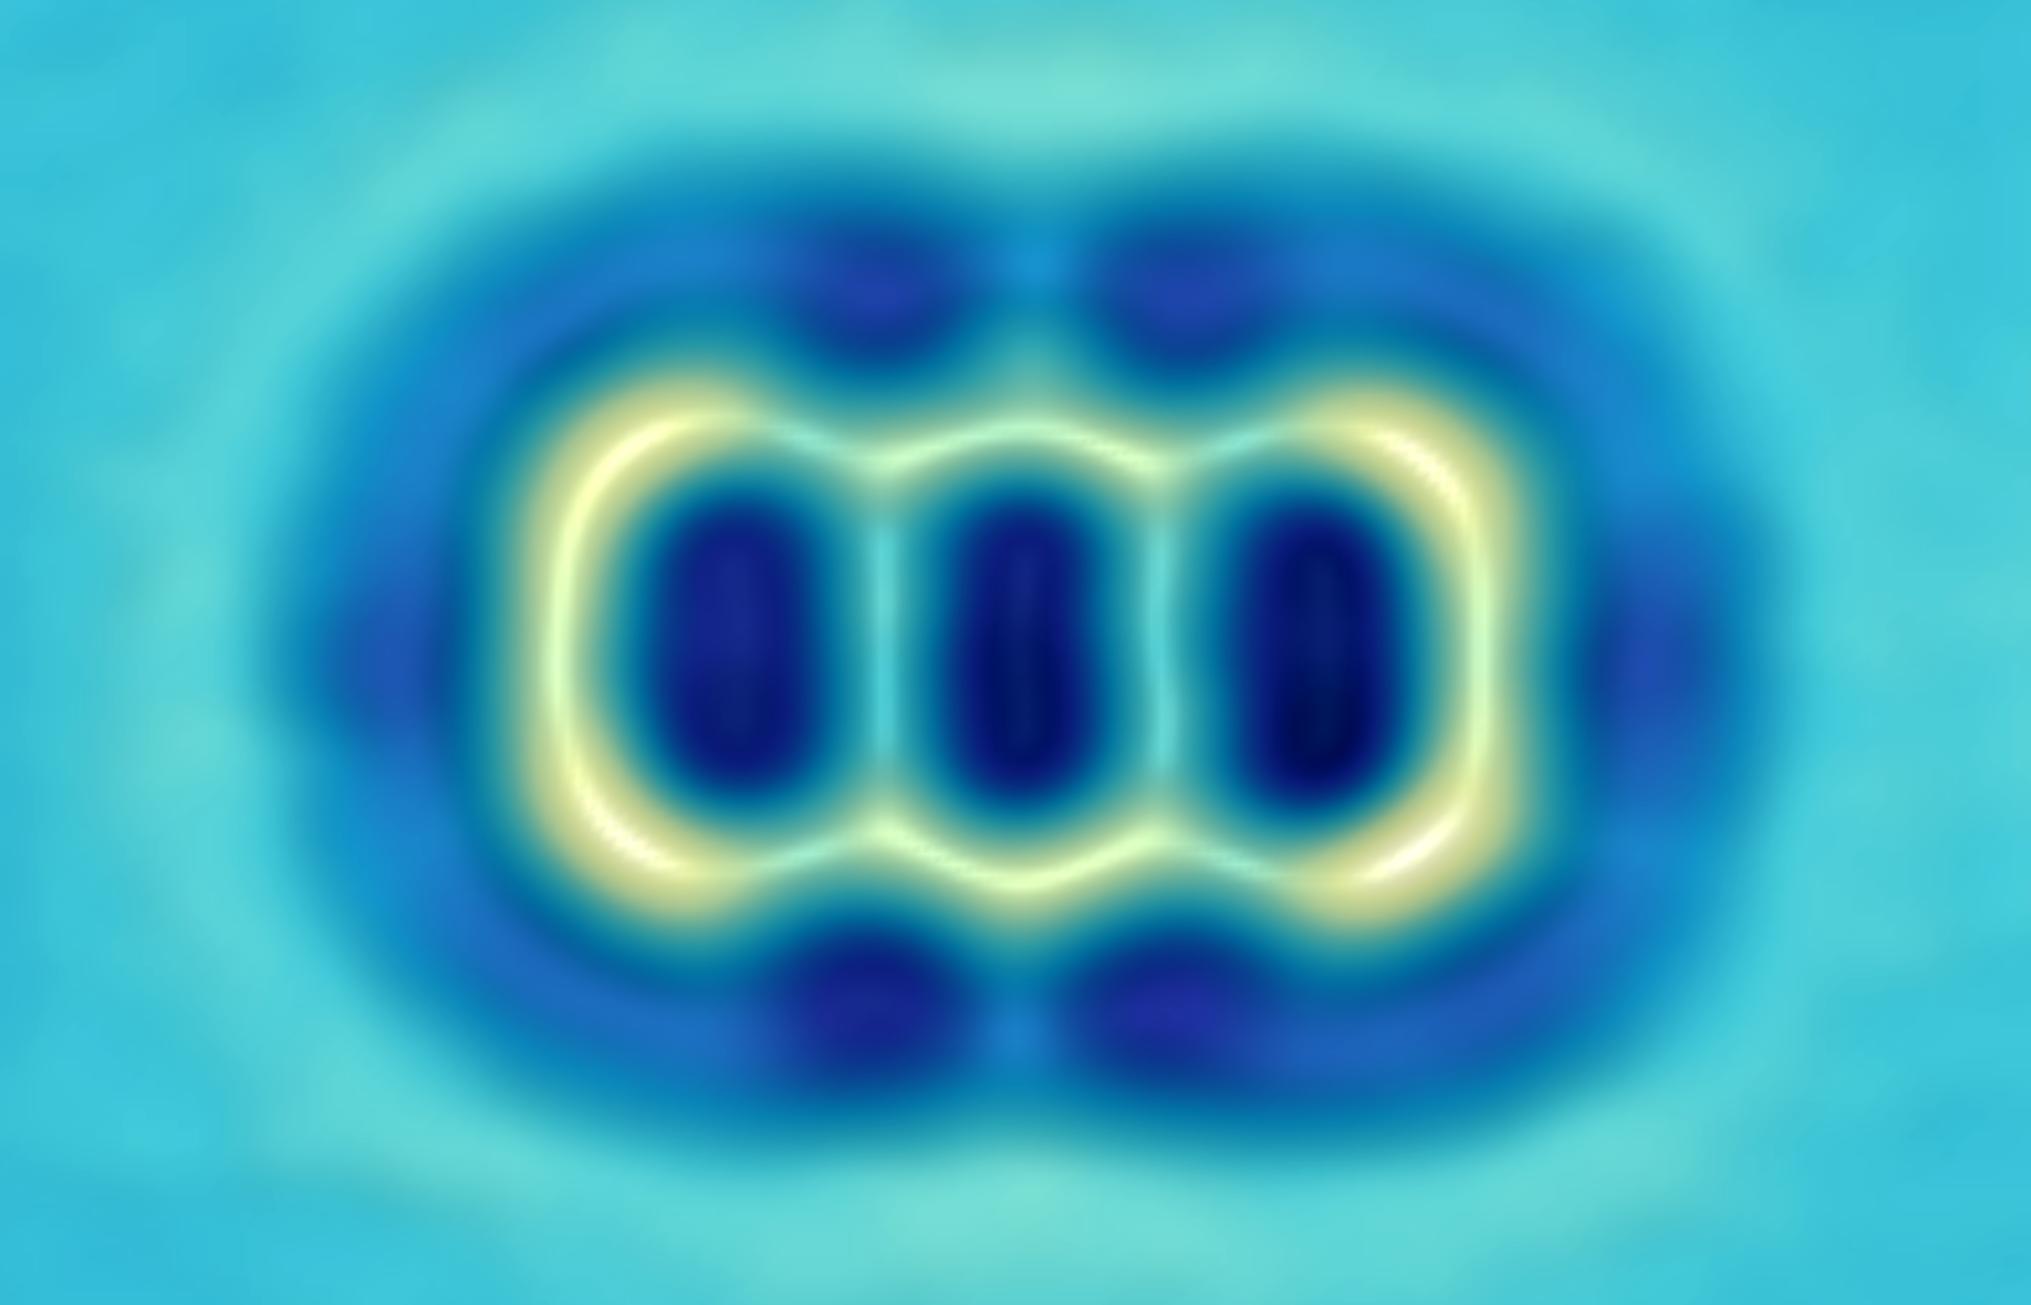 Observan Reacciones En Moleculas Individuales Con Un Microscopio De